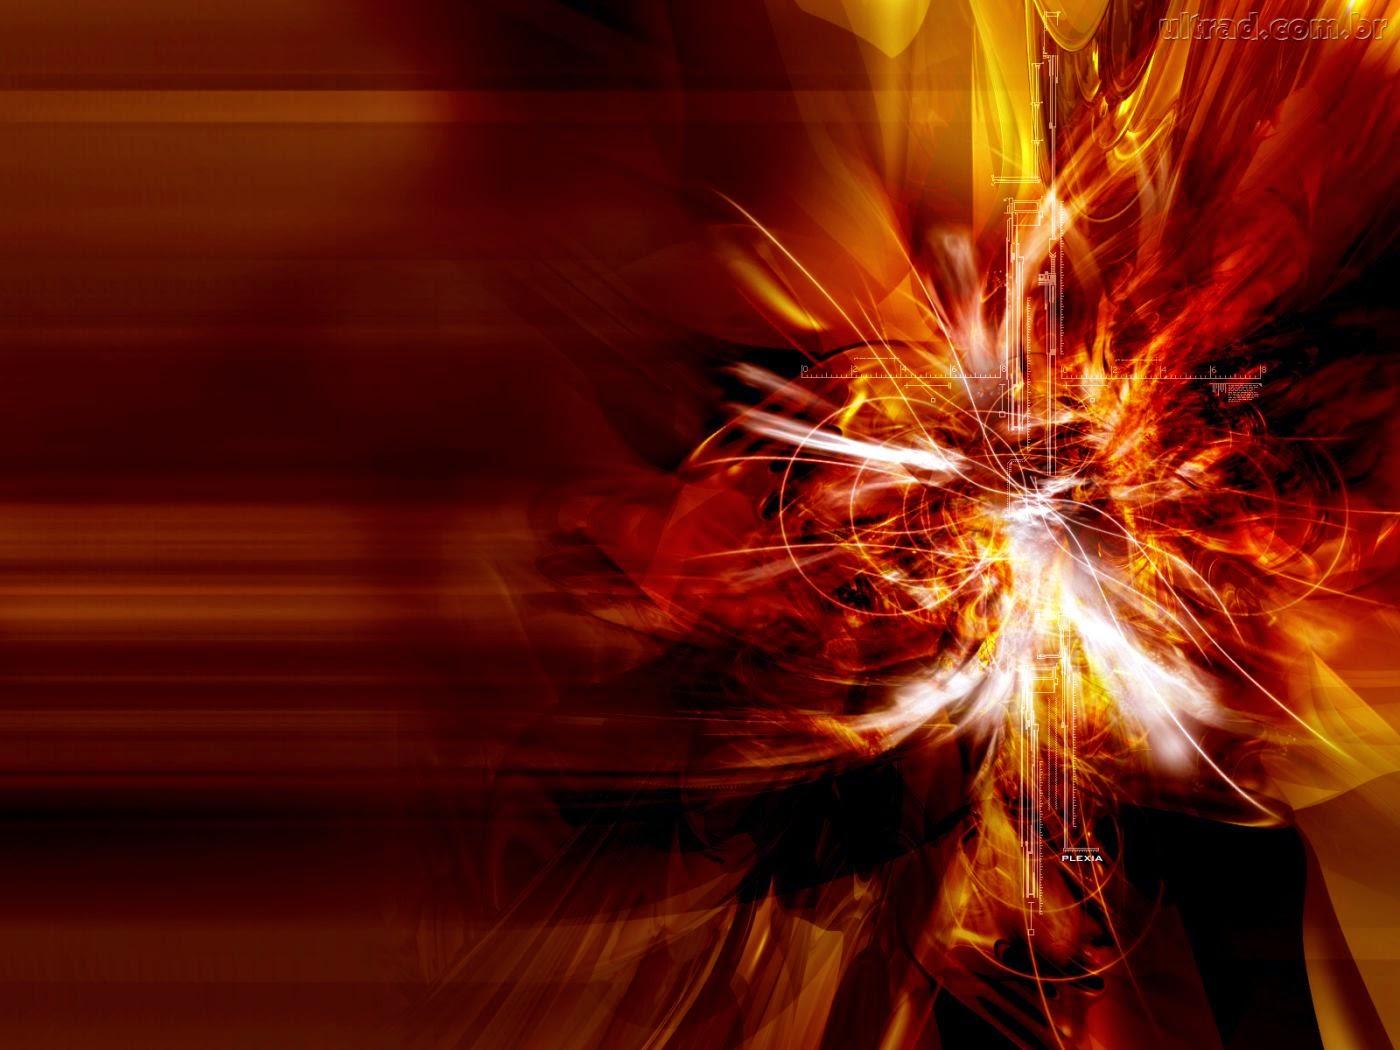 Resultado de imagem para espirito alma